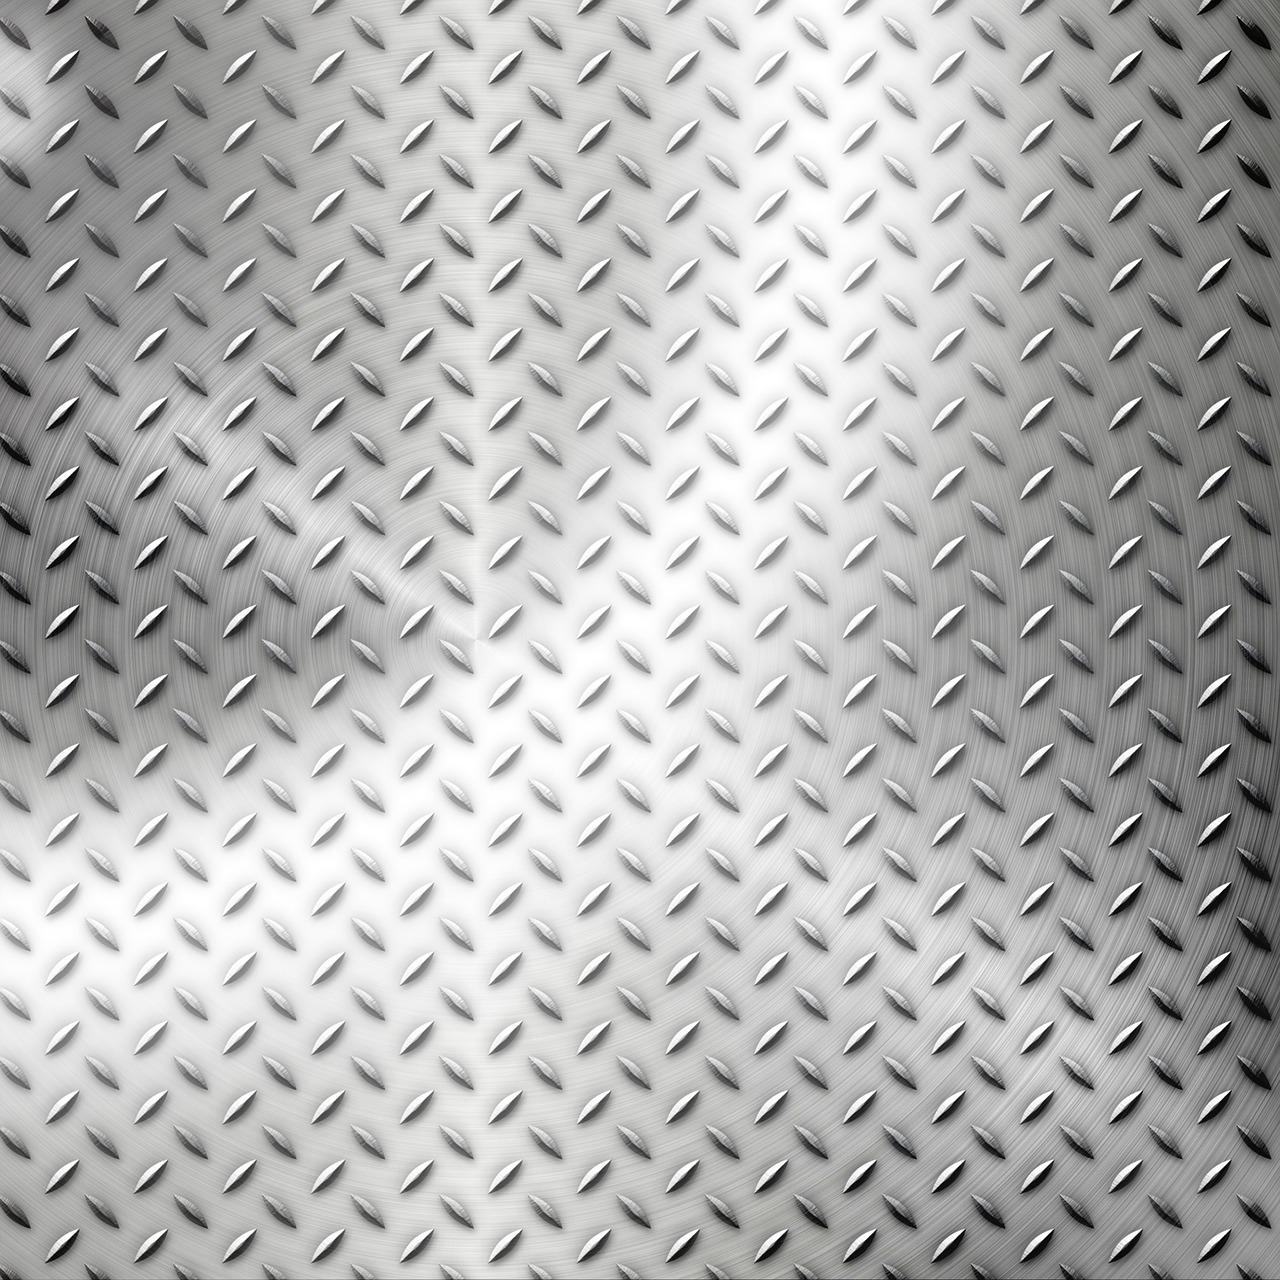 Les principaux avantages d'un tapis aluminium